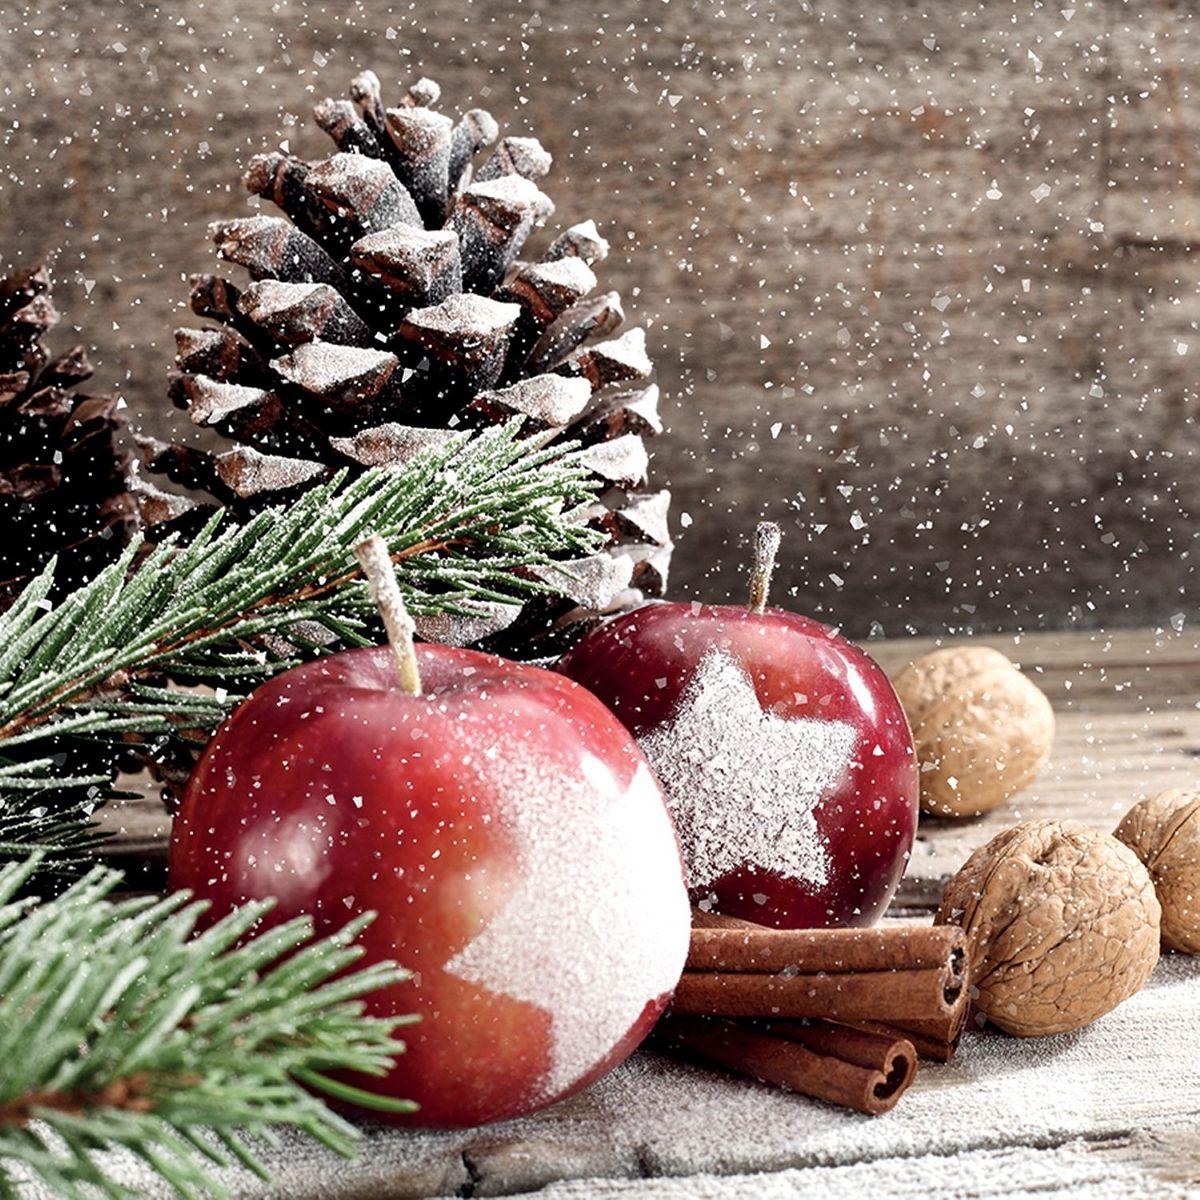 Servietten Weihnachten Winter Apfel Tannenzapfen 20er Cocktail 3-lagig 25x25cm